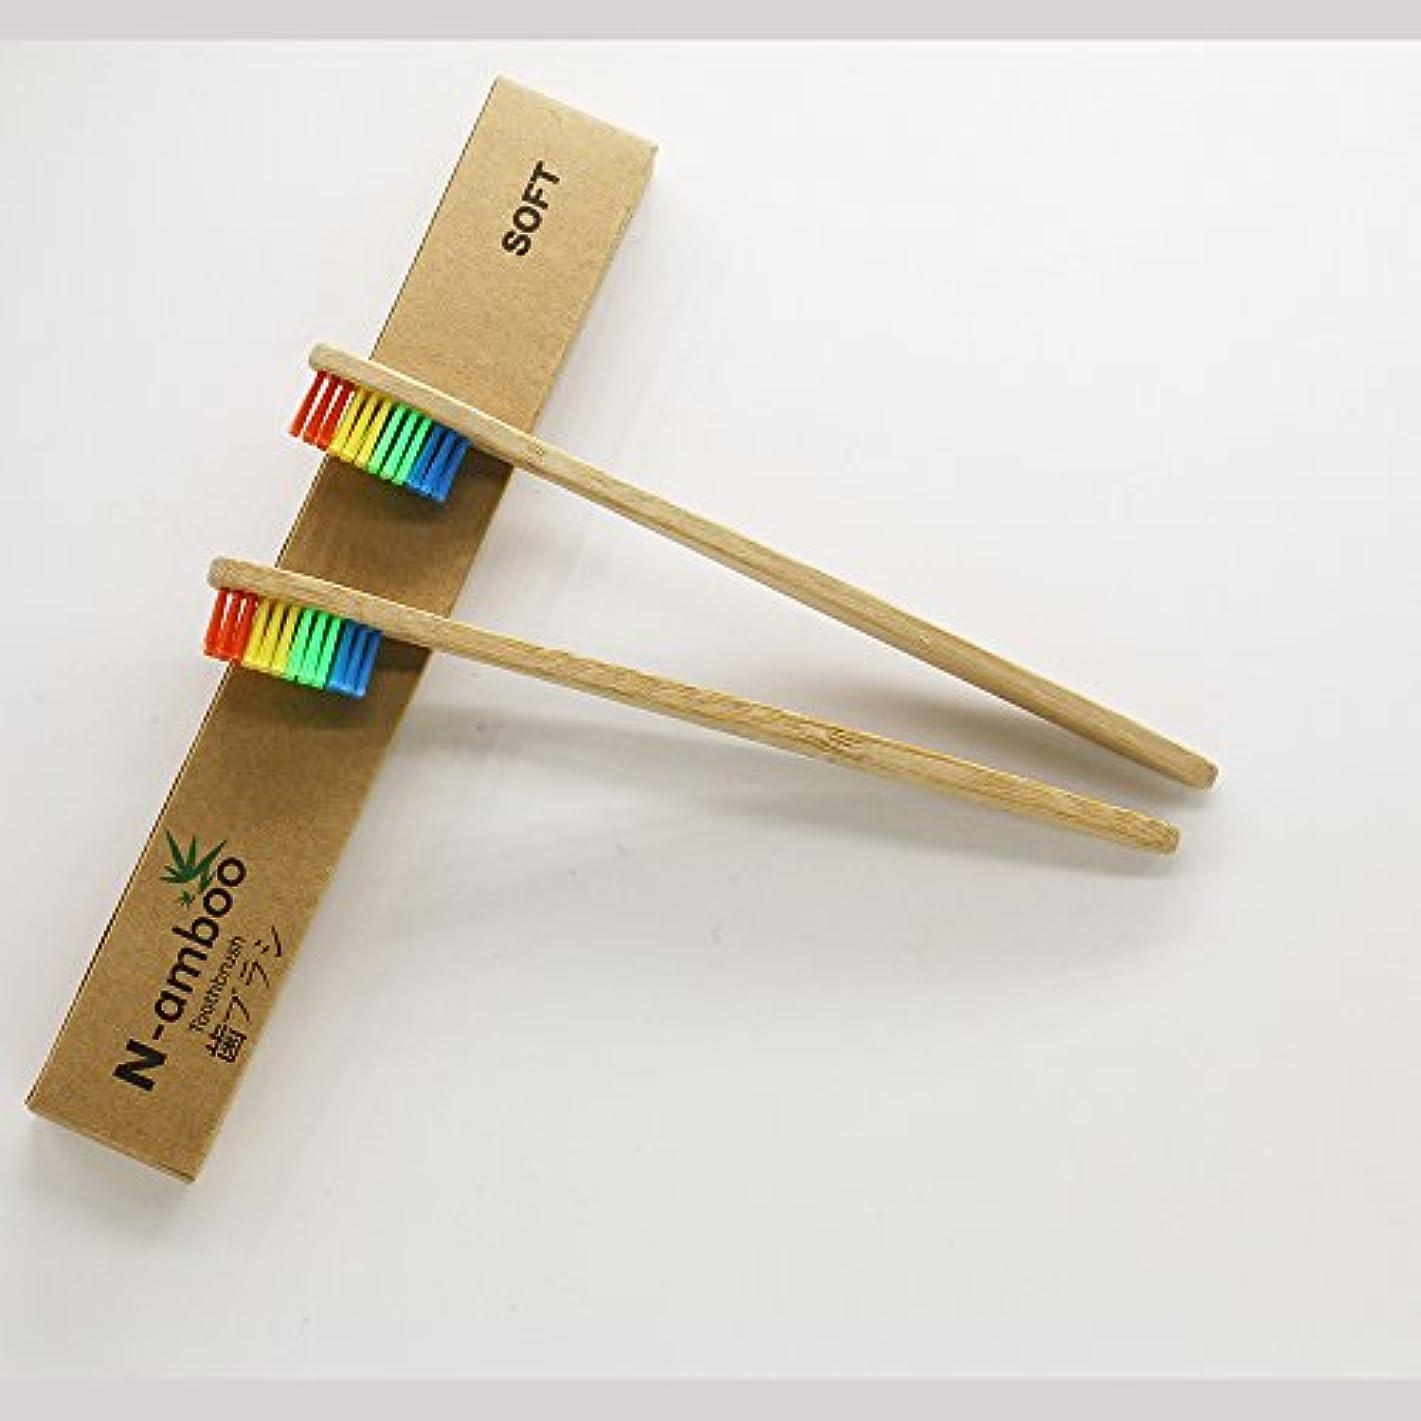 懲戒同僚ドリンクN-amboo 竹製 耐久度高い 歯ブラシ 四色 虹(にじ) 2本入り セット